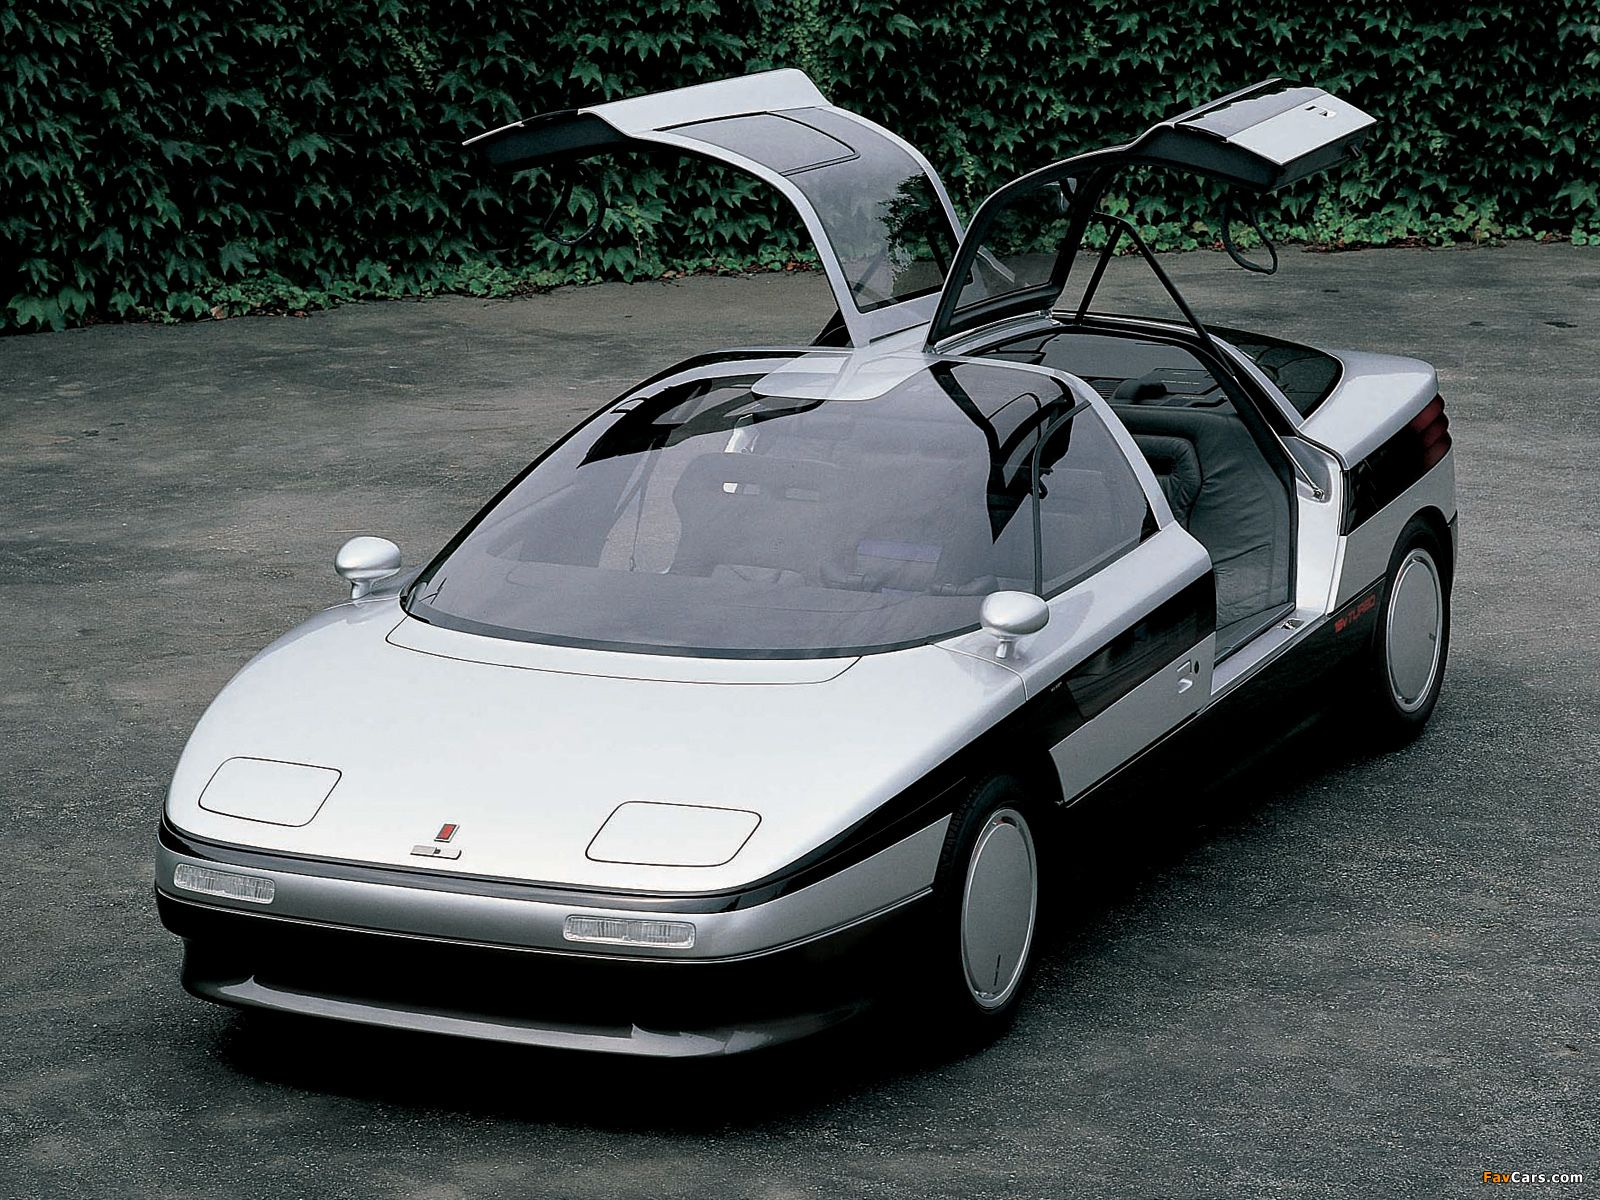 1986 Oldsmobile Incas Concept Konzeptfahrzeuge Oldtimer Flugelturen